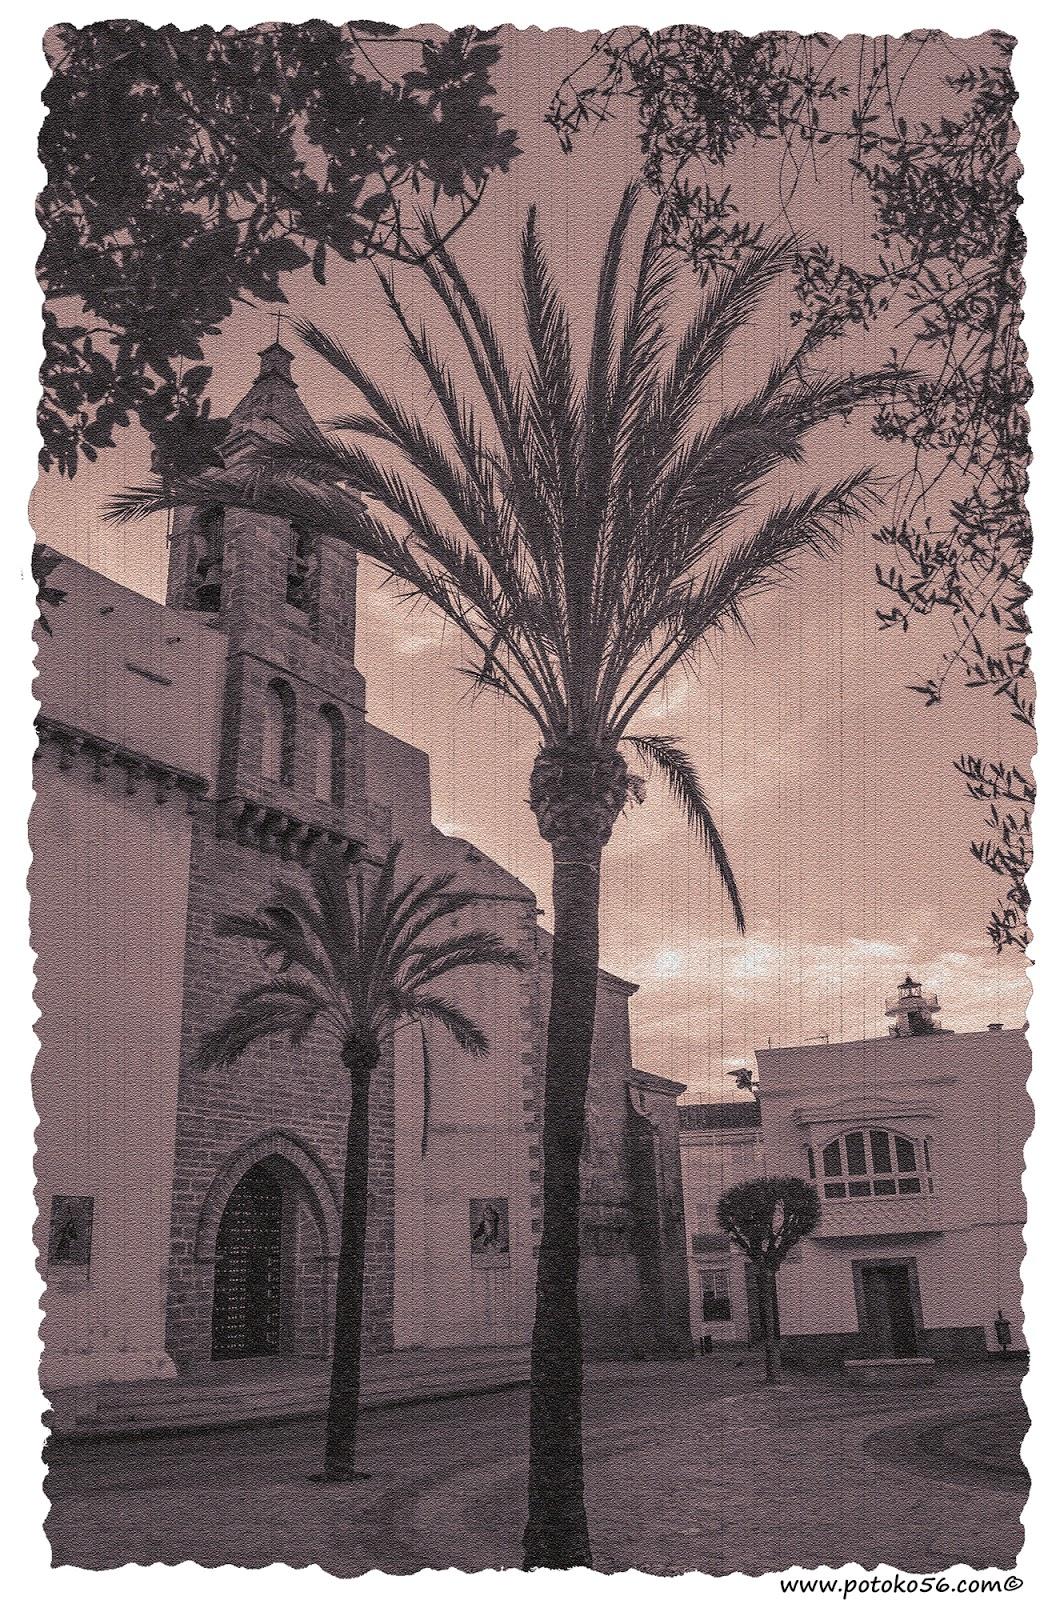 Parroquia de la O Plaza Bartolomé Perez Rota